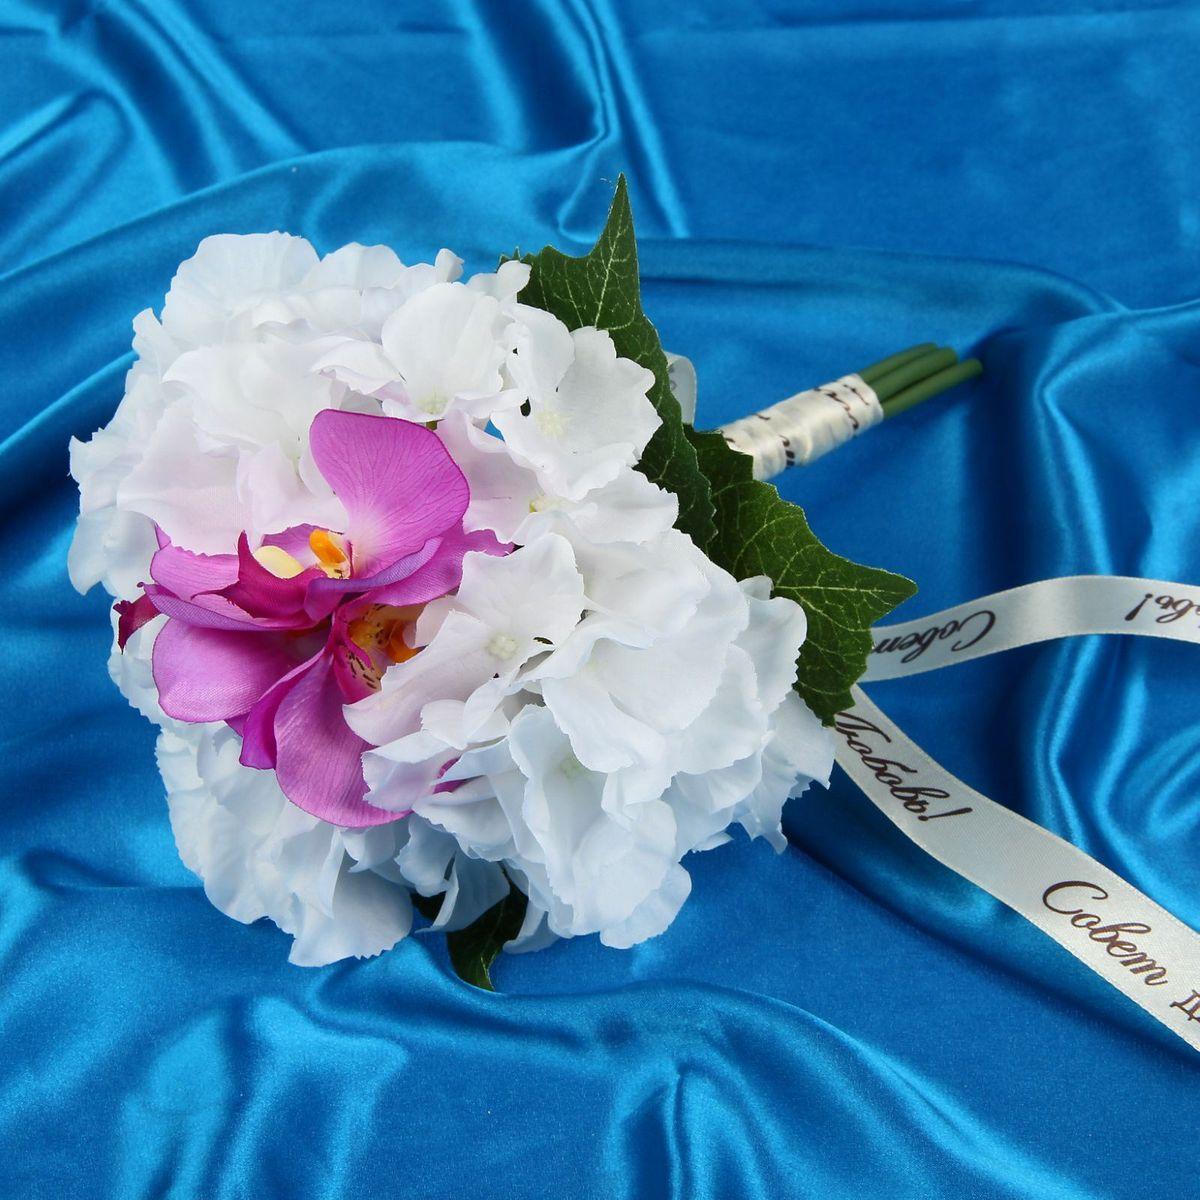 Букет-дублер Sima-land Орхи, цвет: белый, фиолетовый1212631Свадьба — одно из главных событий в жизни человека. В такой день всё должно быть безупречно, особенно букет невесты. Но кидать, по старой традиции, цветочную композицию подругам не всегда удобно, и на помощь приходит букет-дублер Орхи орхидеи, гортензии — красивый и яркий аксессуар. Стебли оформлены лентой с надписью Совет да любовь. Букет дополнен шильдом с тёплым пожеланием. После торжества он украсит любой интерьер, ведь нежные цветы из текстиля не завянут и не помнутся.